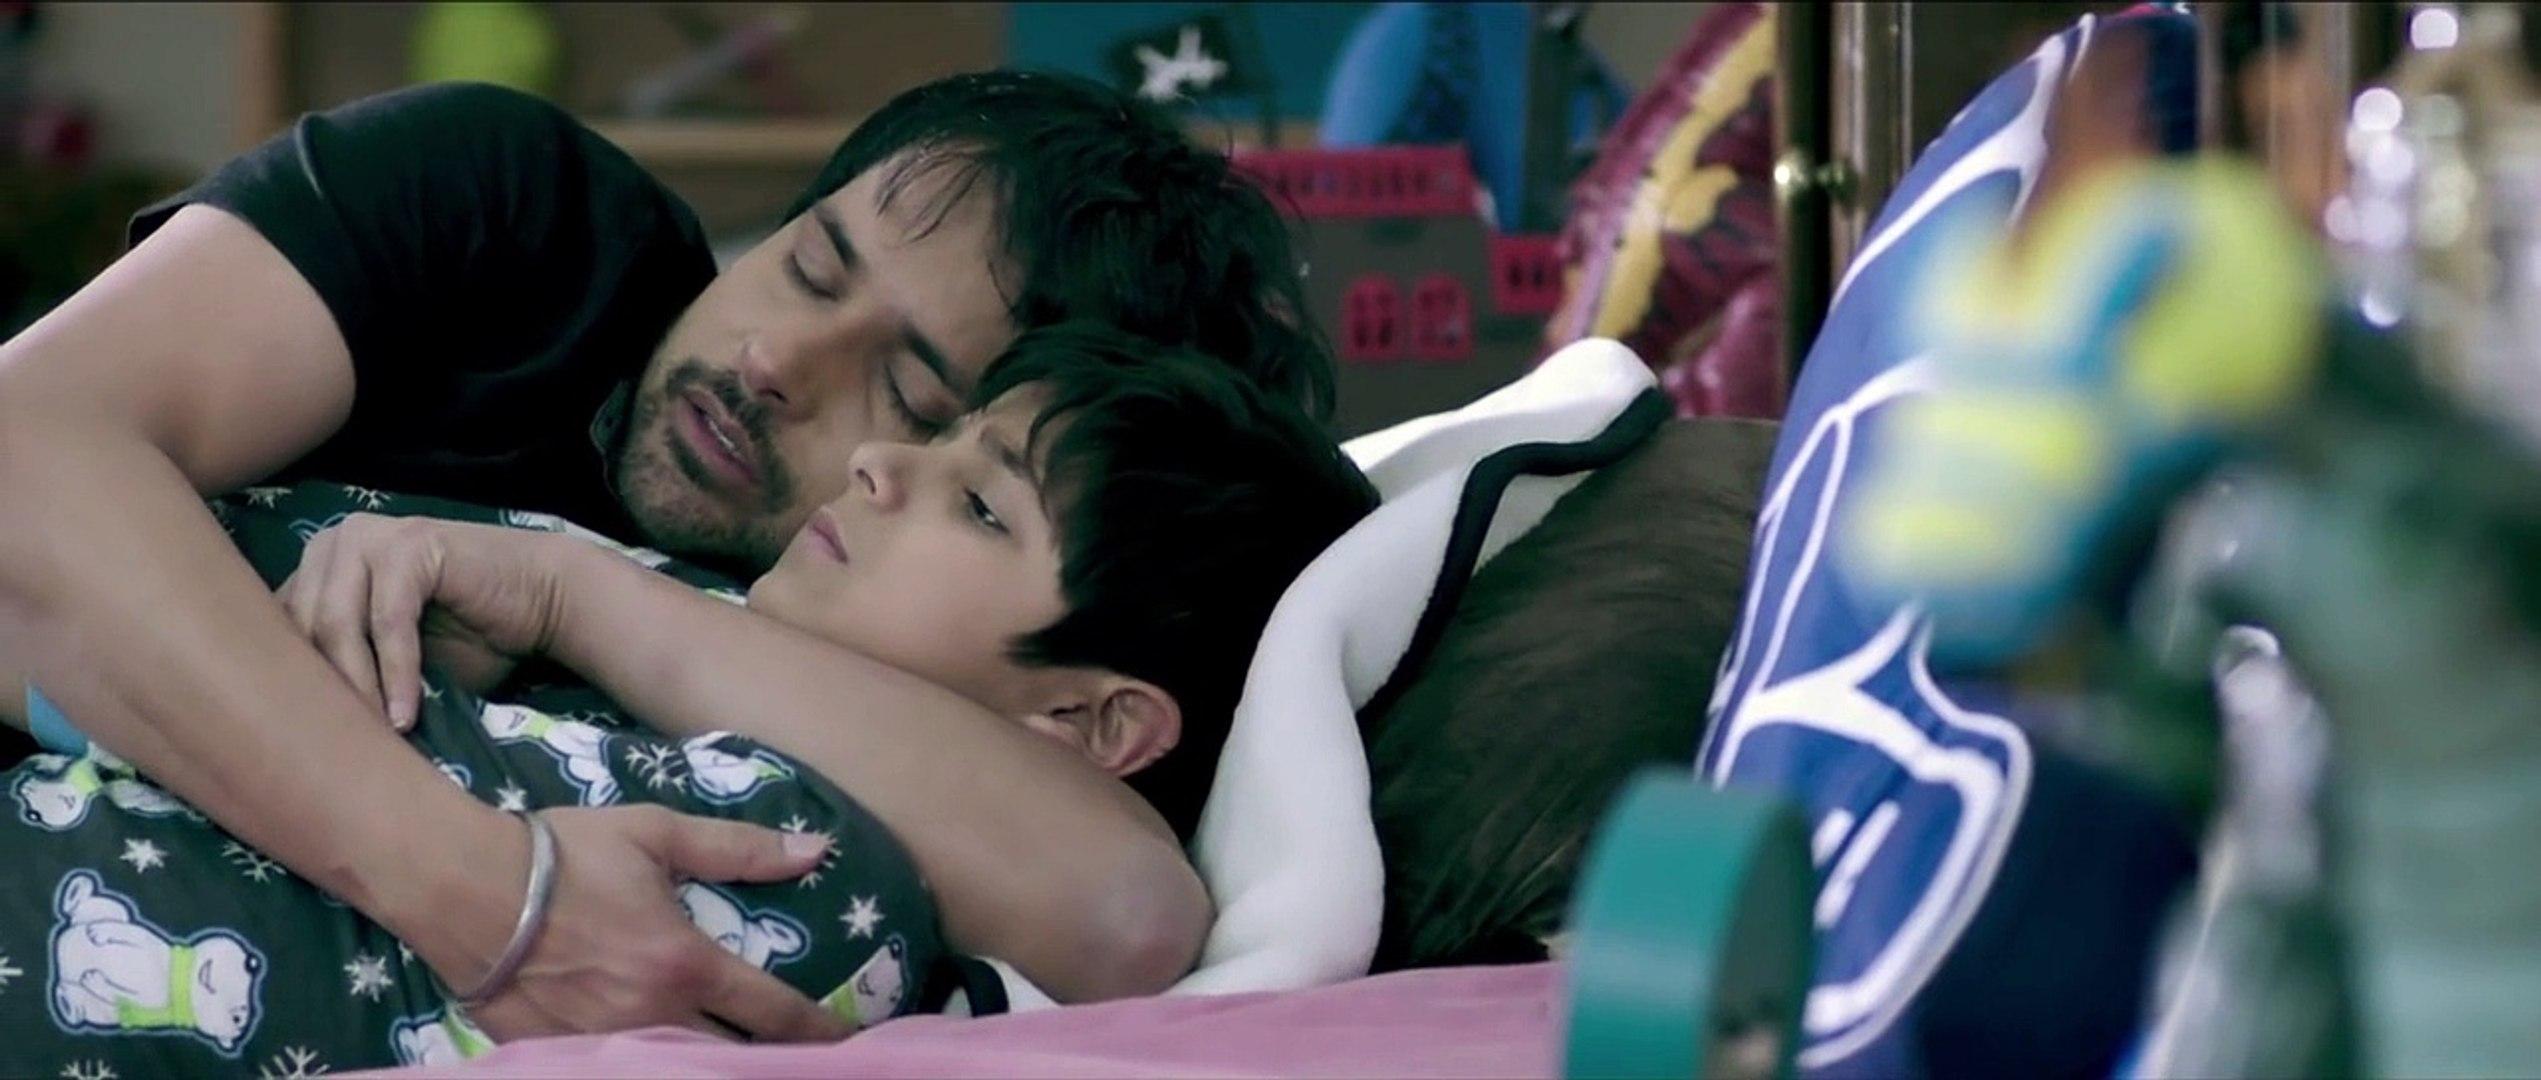 Love Punjab (2016) || Love Punjab (2016) || Love Punjab (2016) Punjabi 720p Arminder Gill